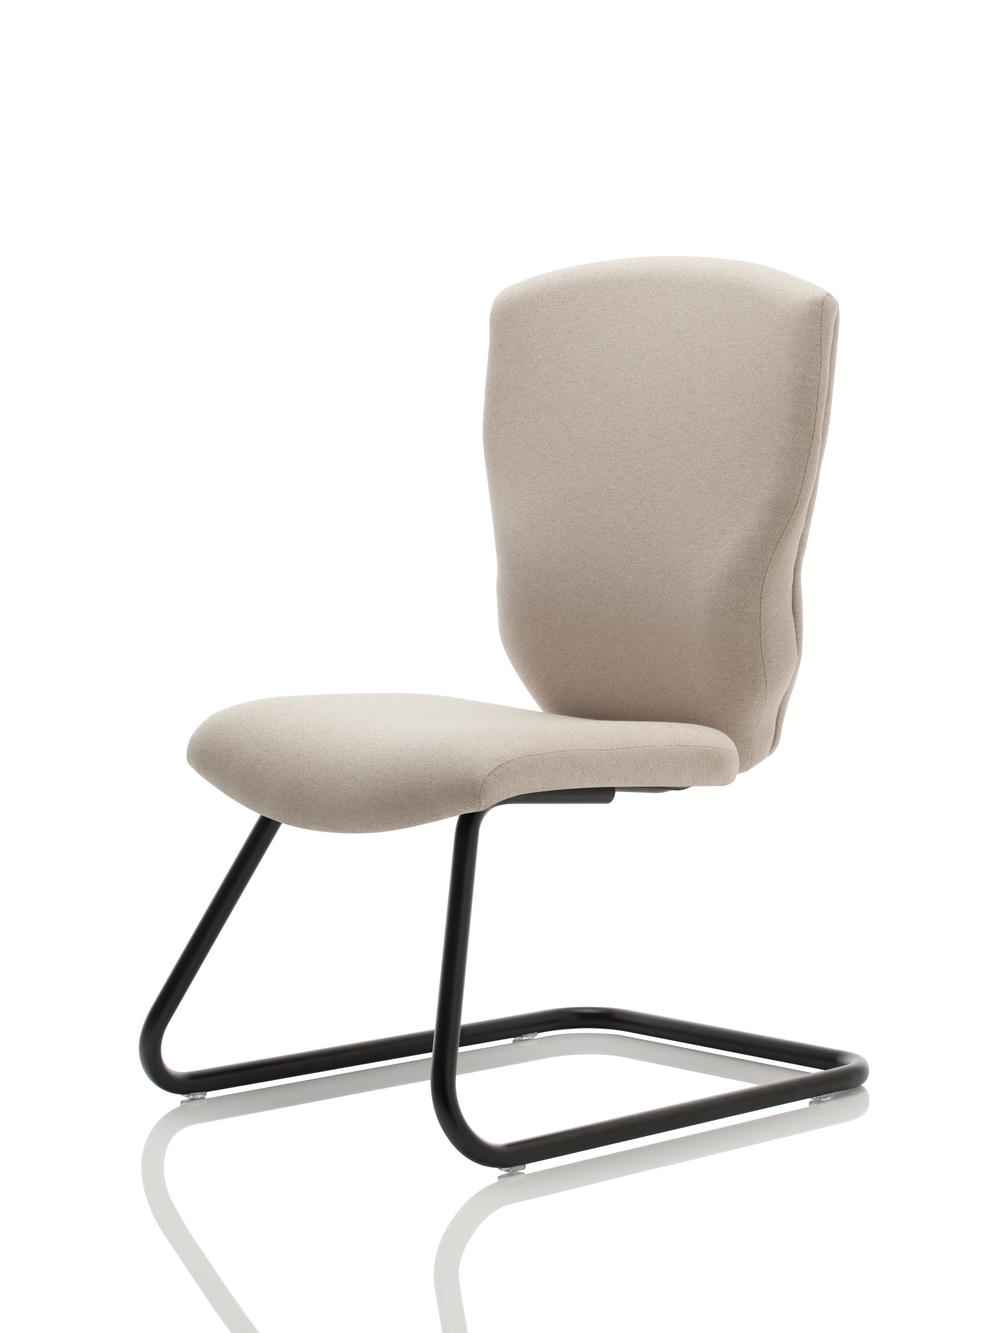 United Chair Sensato Sled Base Guest Chair